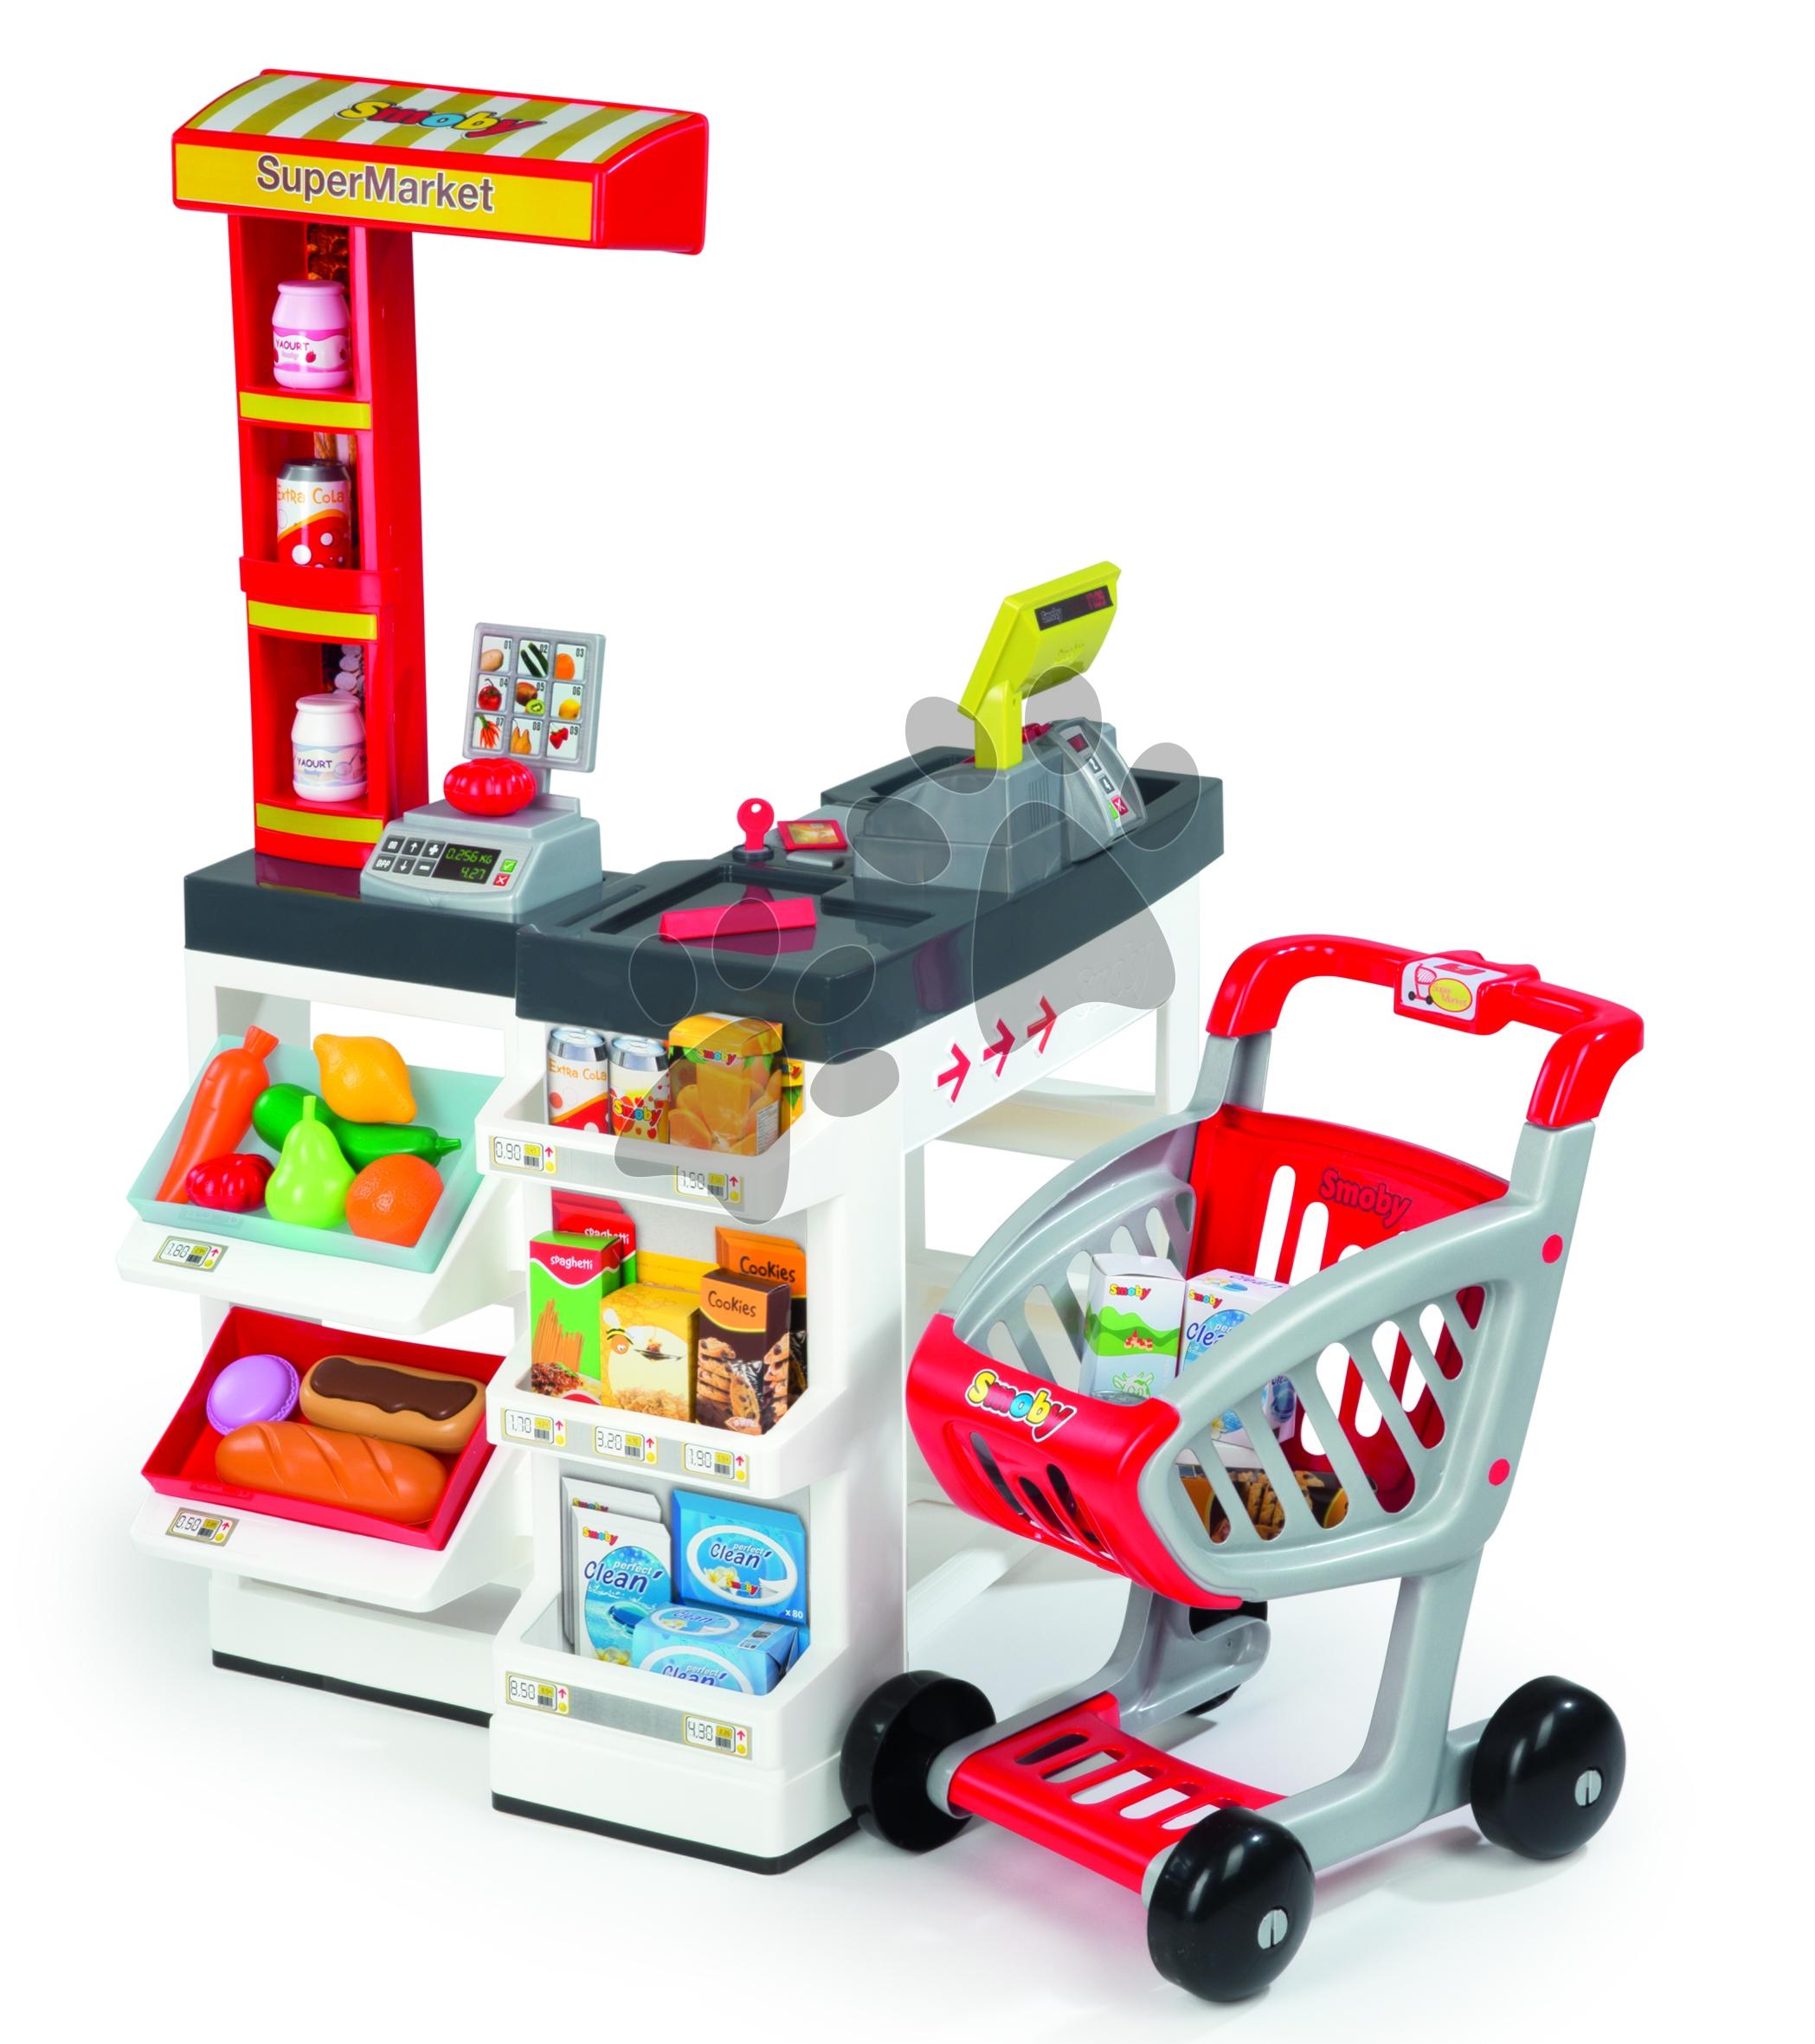 Obchůdek SuperMarket Smoby s nákupním košíkem a 49 doplňky